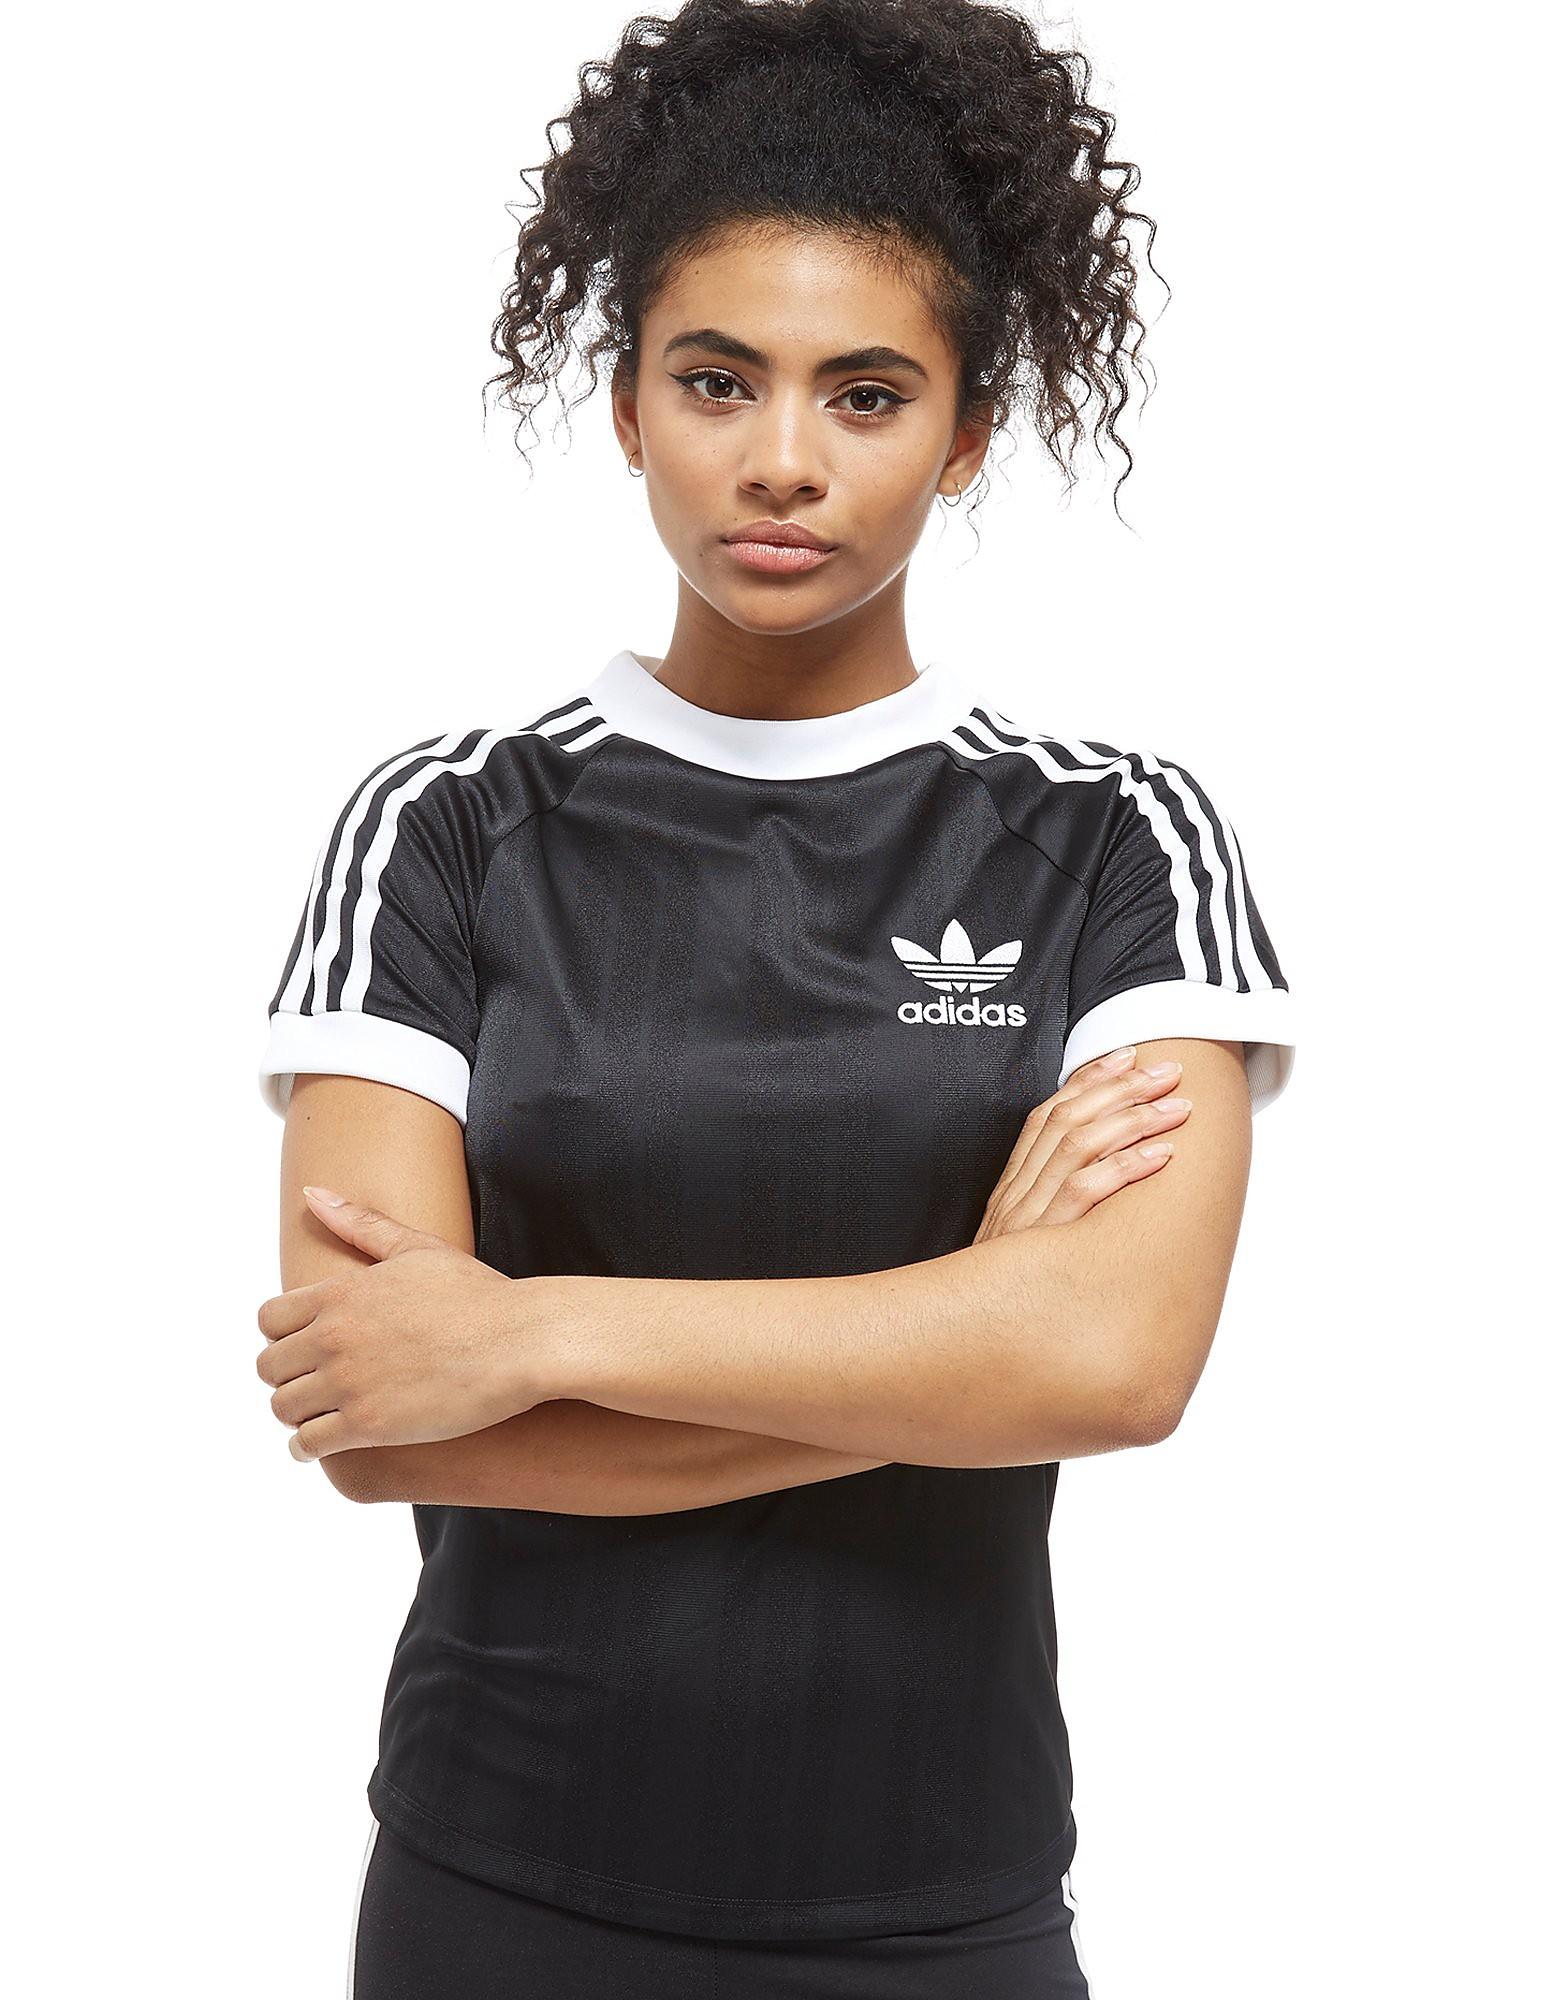 adidas Originals camiseta California Football